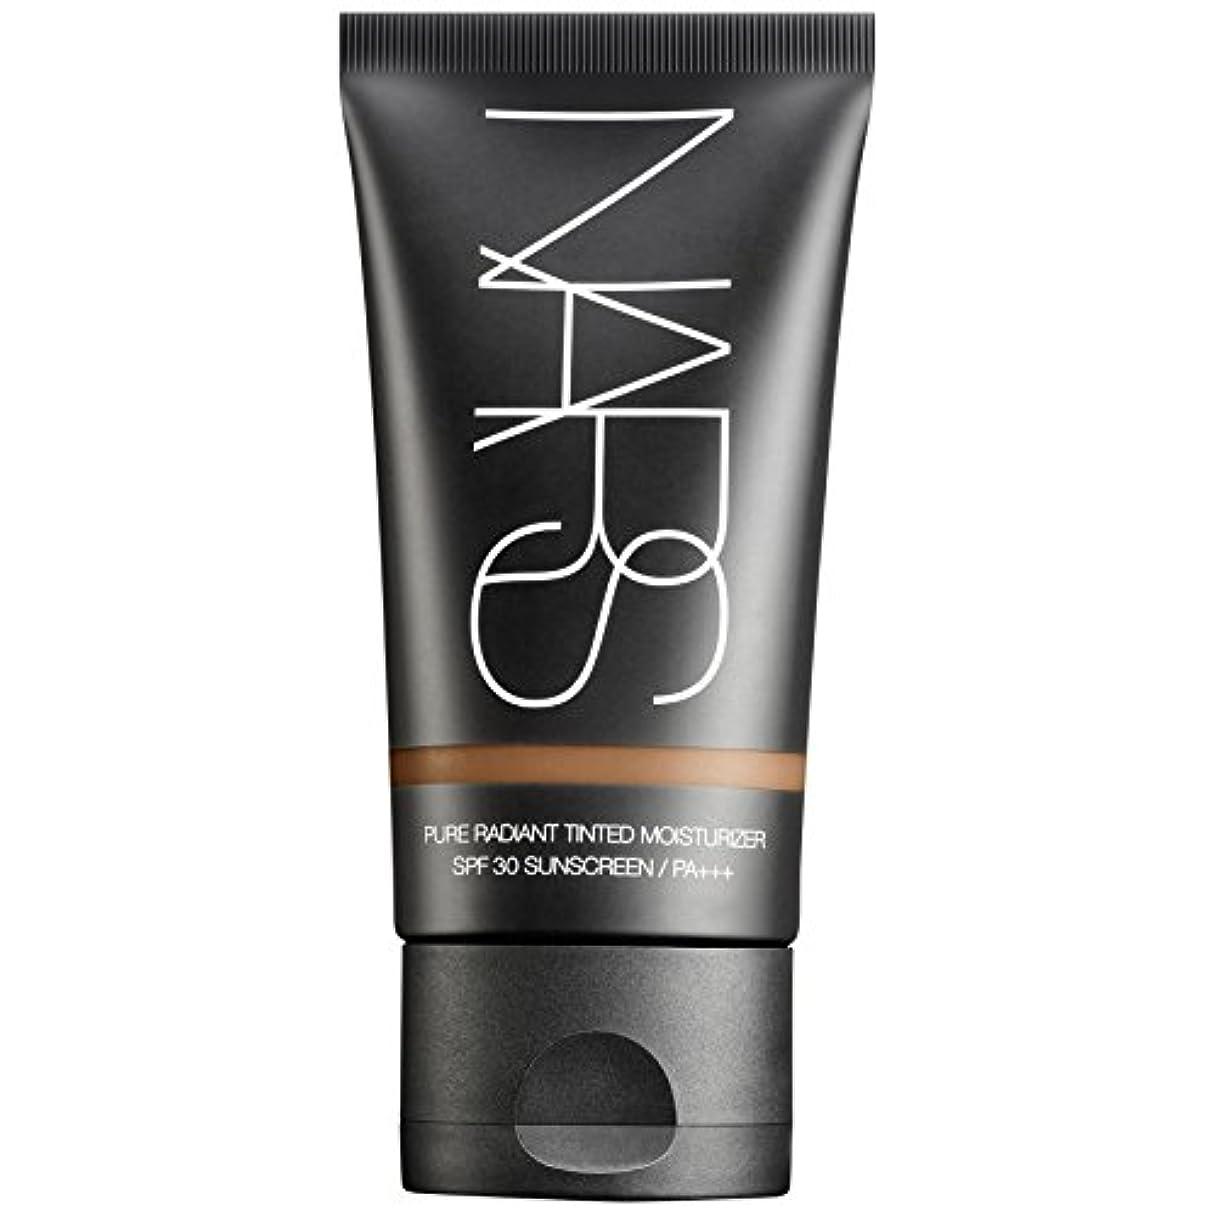 どっちワイヤー気晴らし[NARS] Narは、純粋な放射着色モイスチャライザーSpf 30 / Pa +++ポリネシア - Nars Pure Radiant Tinted Moisturizer Spf 30/Pa+++ Polynesia [並行輸入品]